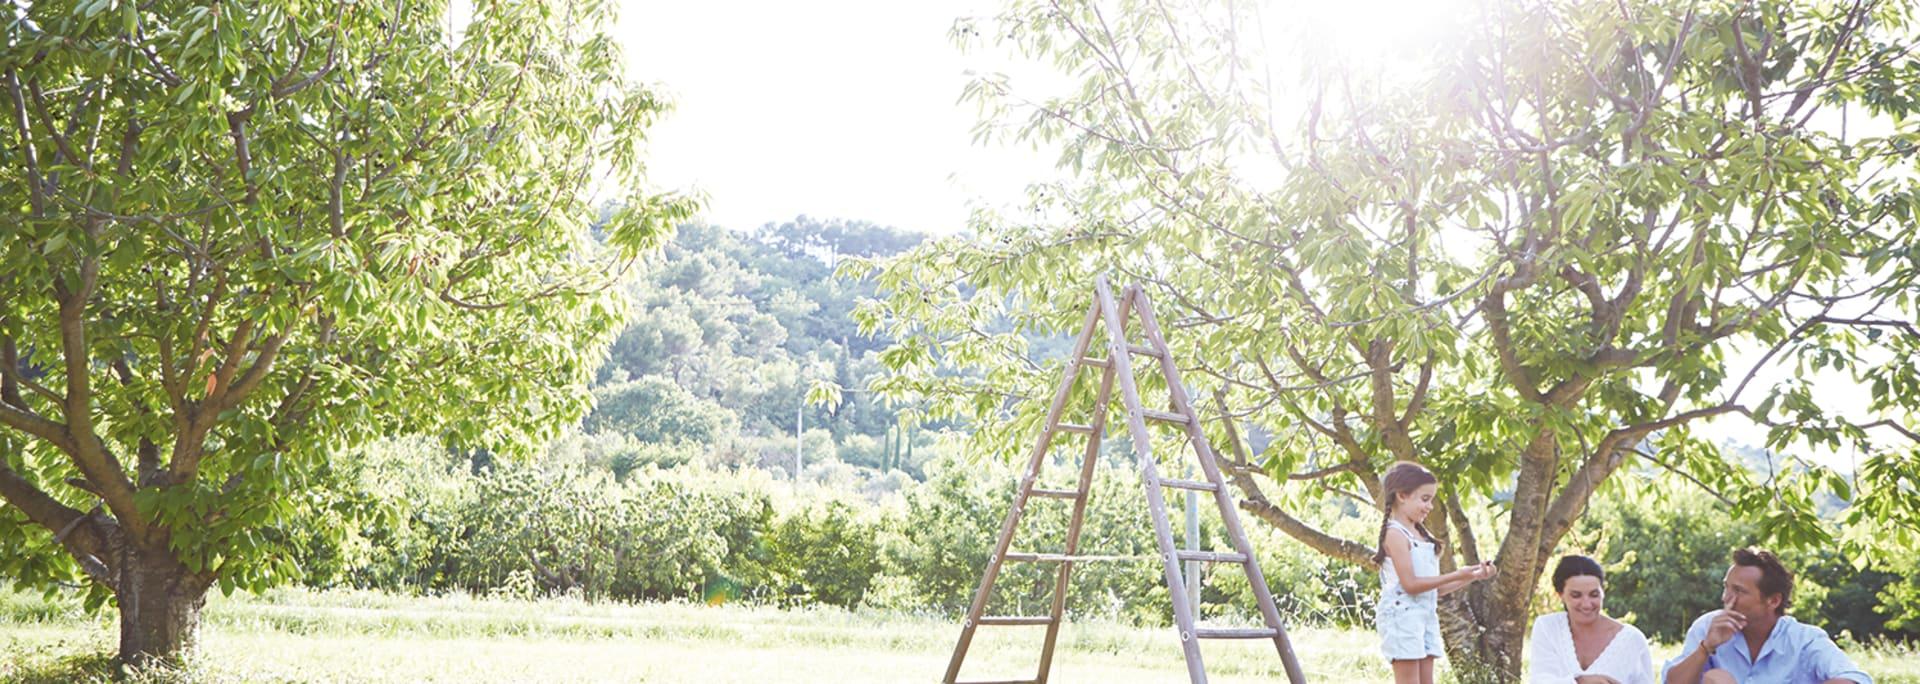 Familienpicknick vor Bäumen im Sommer